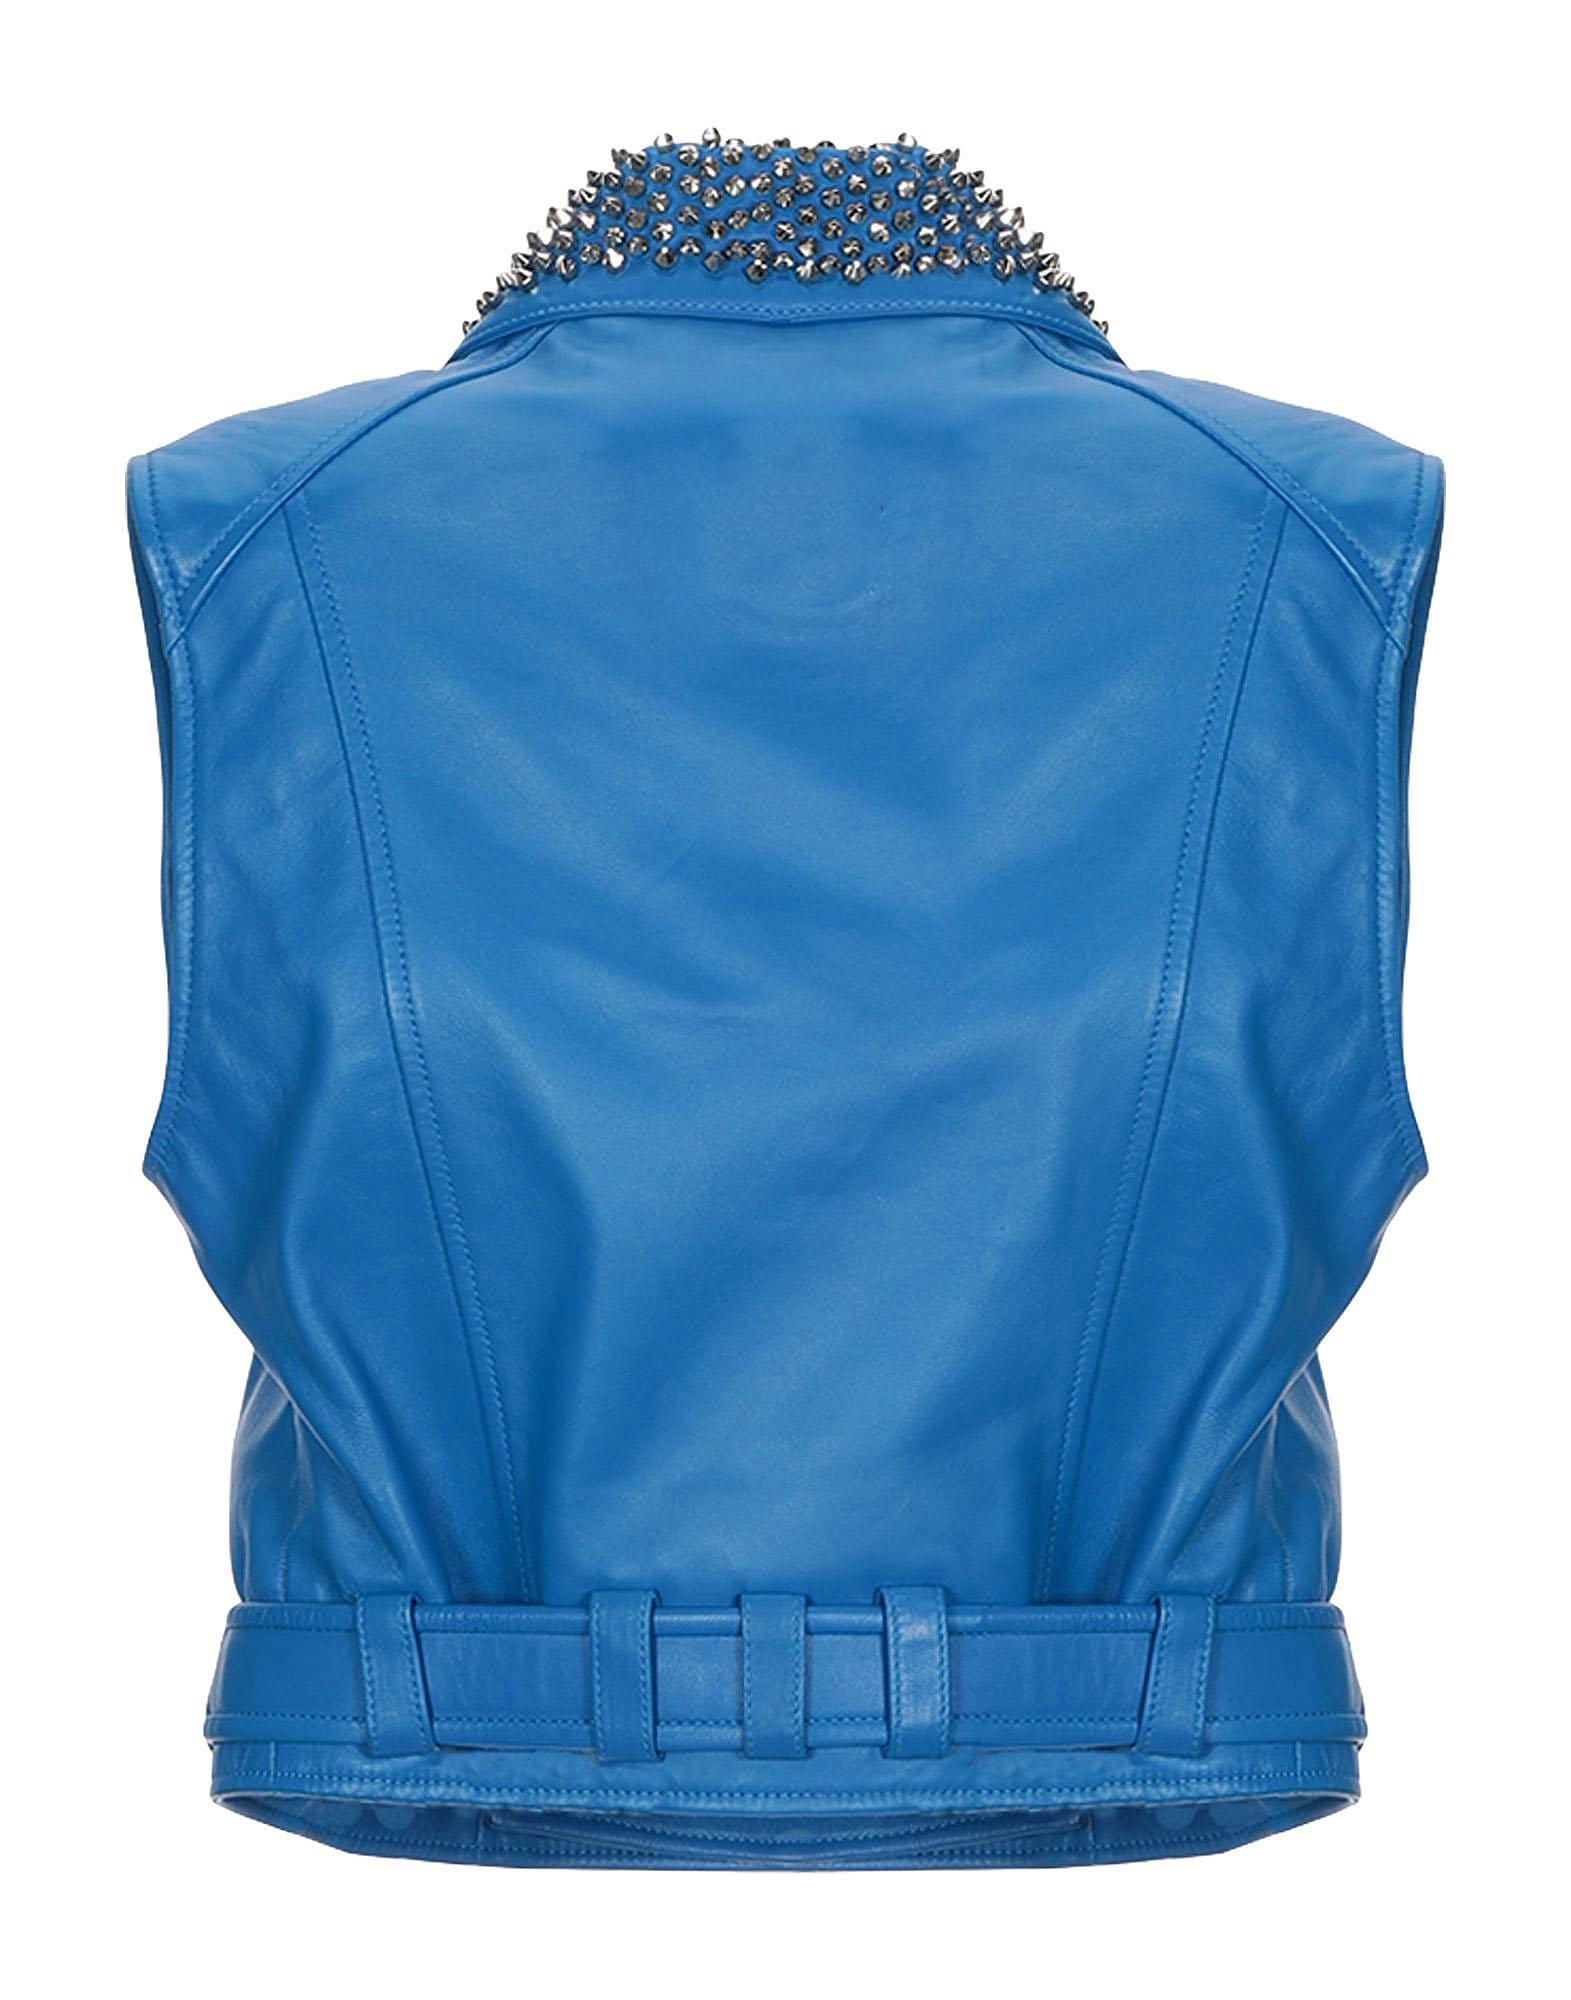 blue-studded-leather-biker-jacket